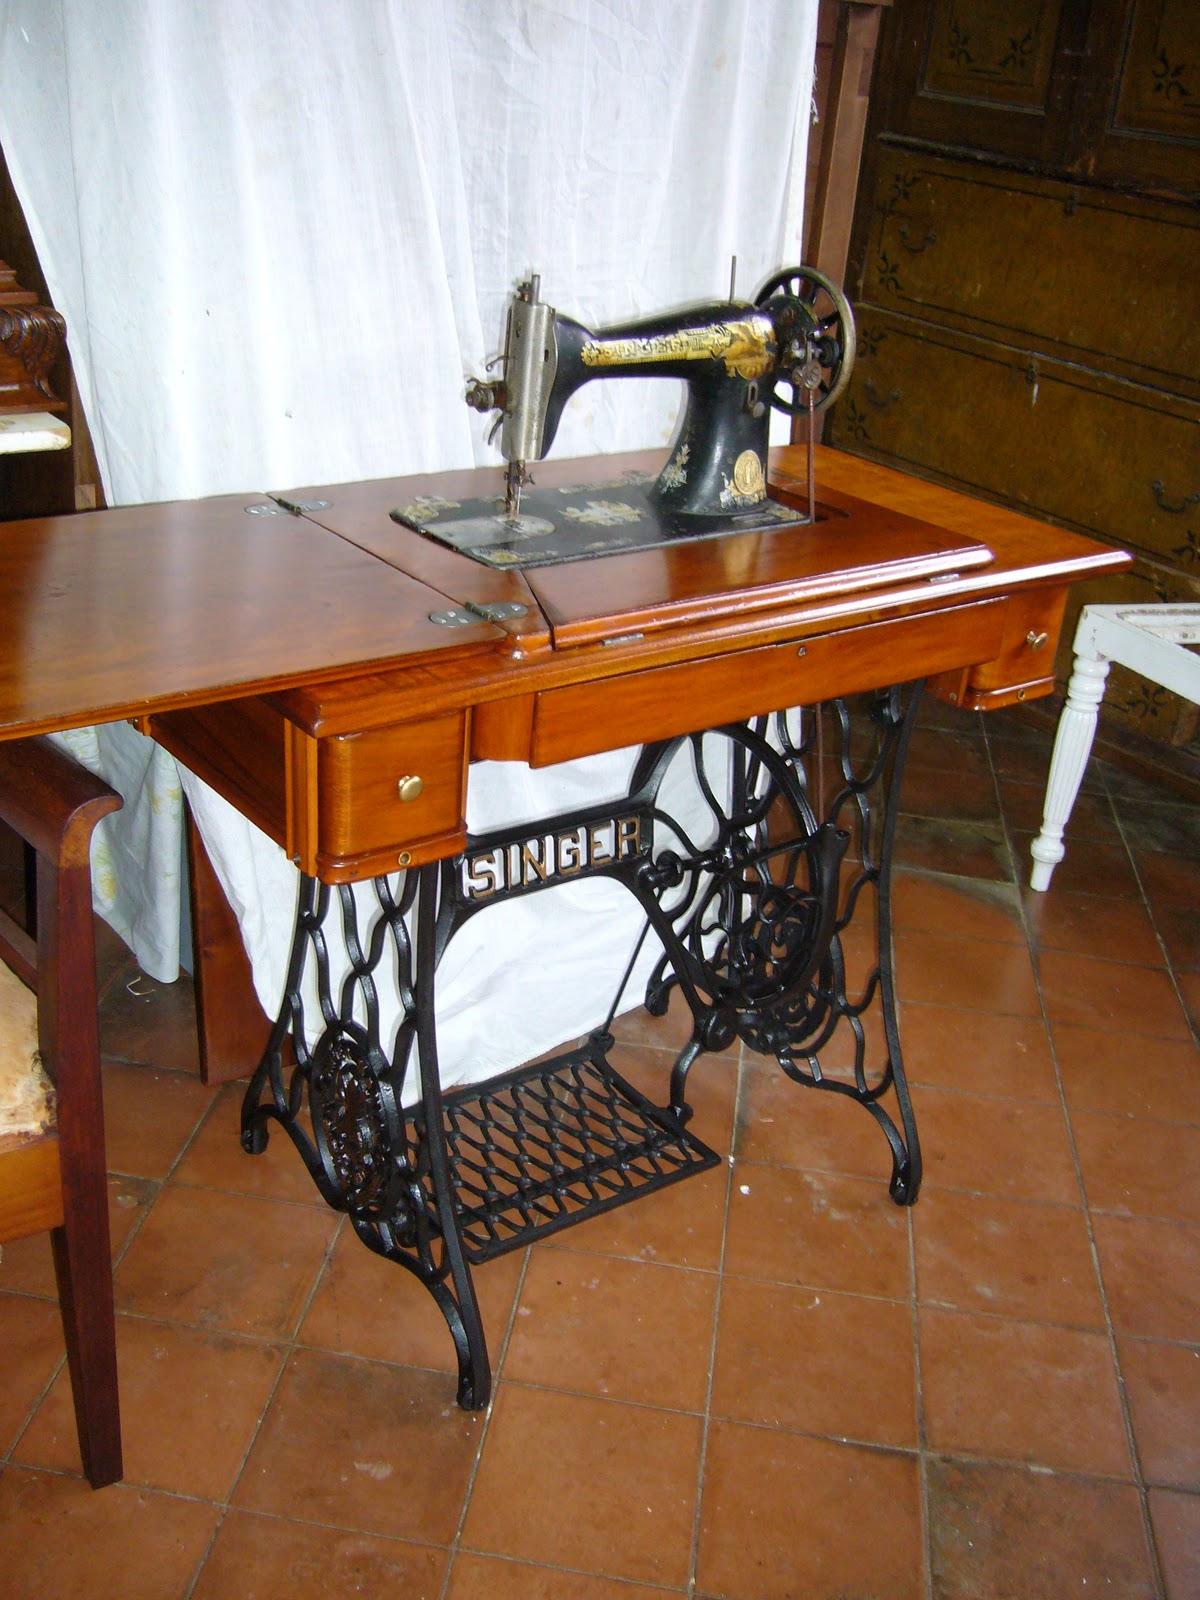 La restauradora m quina de coser restaurada - Maquinas de coser restauradas ...